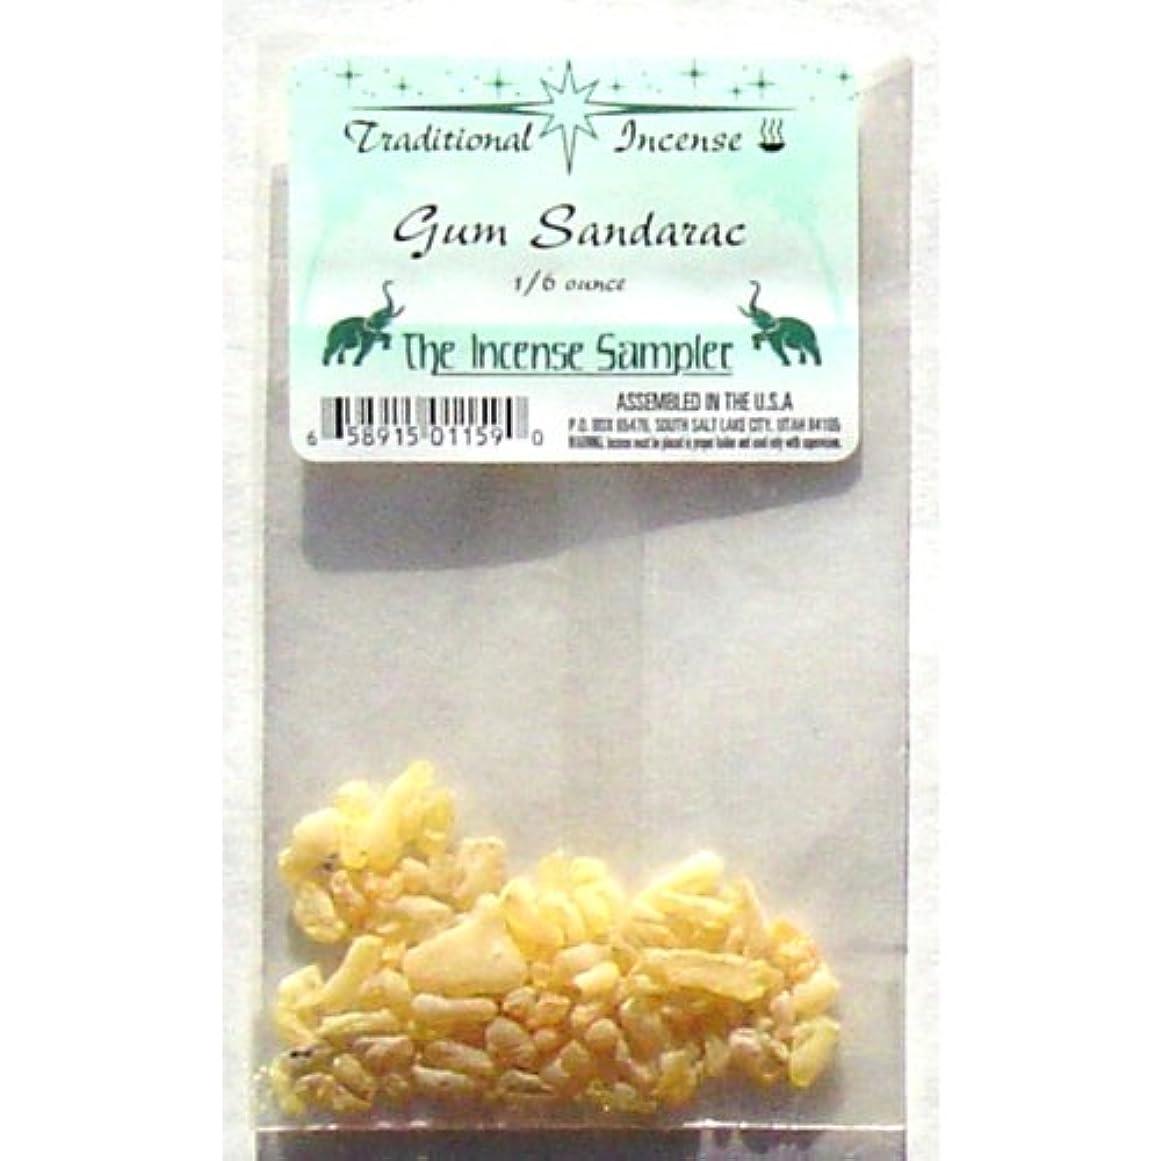 サンプル送信するアトラスGum Sandarac Incense Packaged in 3